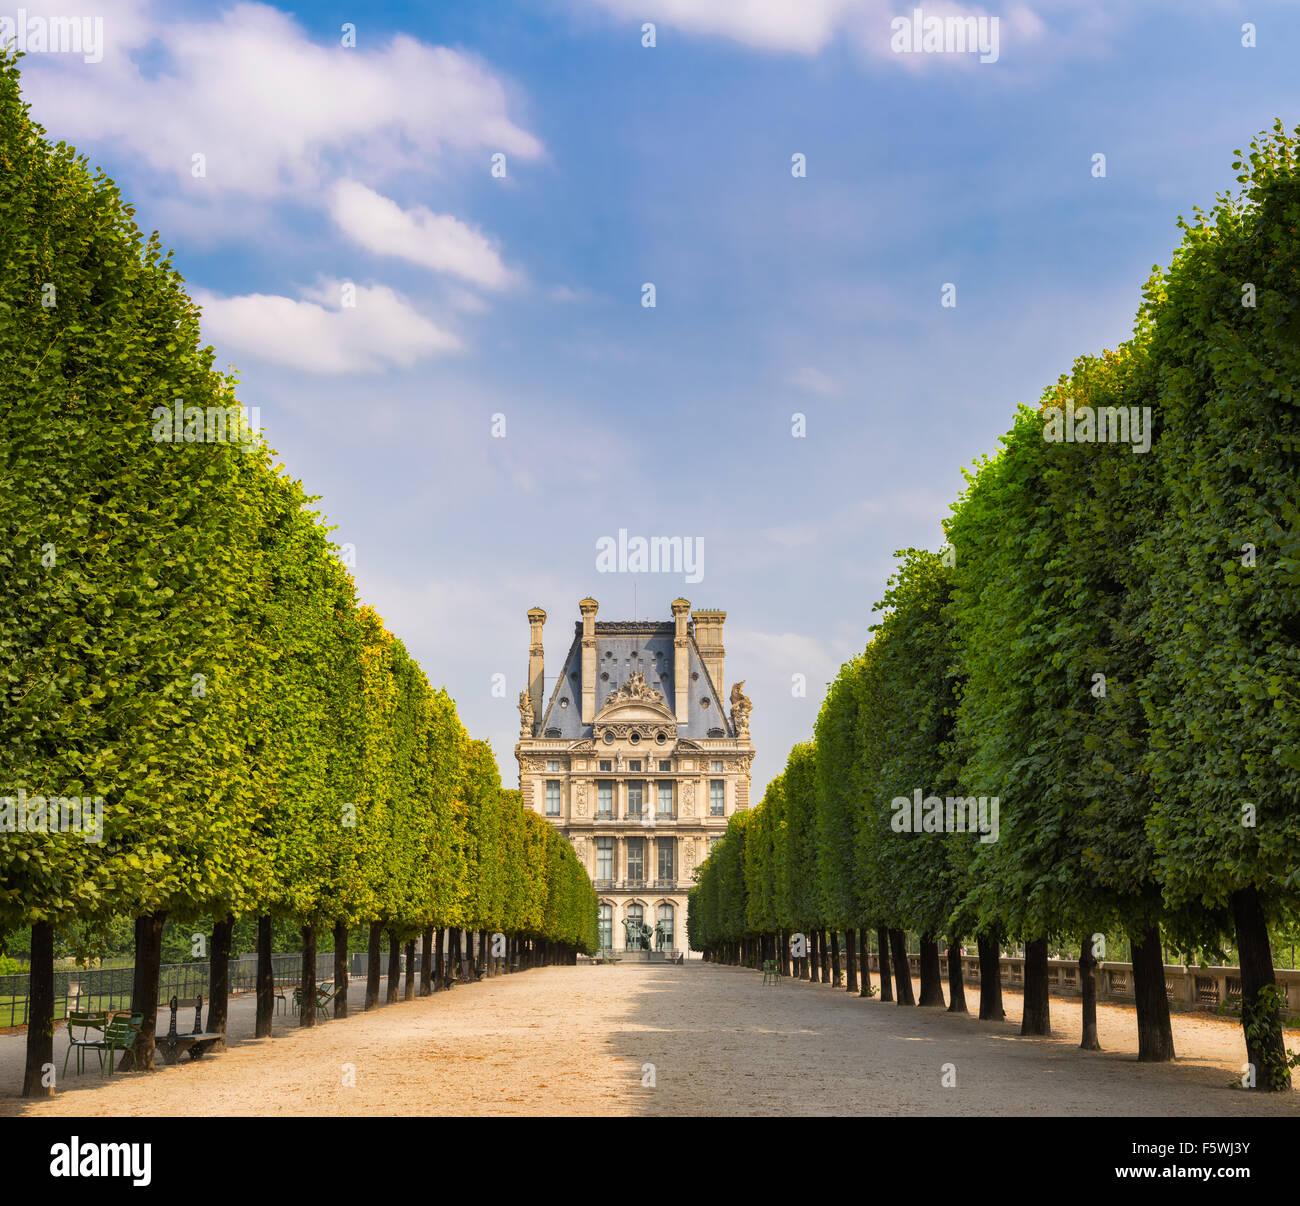 Jardin tuileries vista bordé d'arbres menant au musée du Louvre. Vue d'été de la terrasse Photo Stock